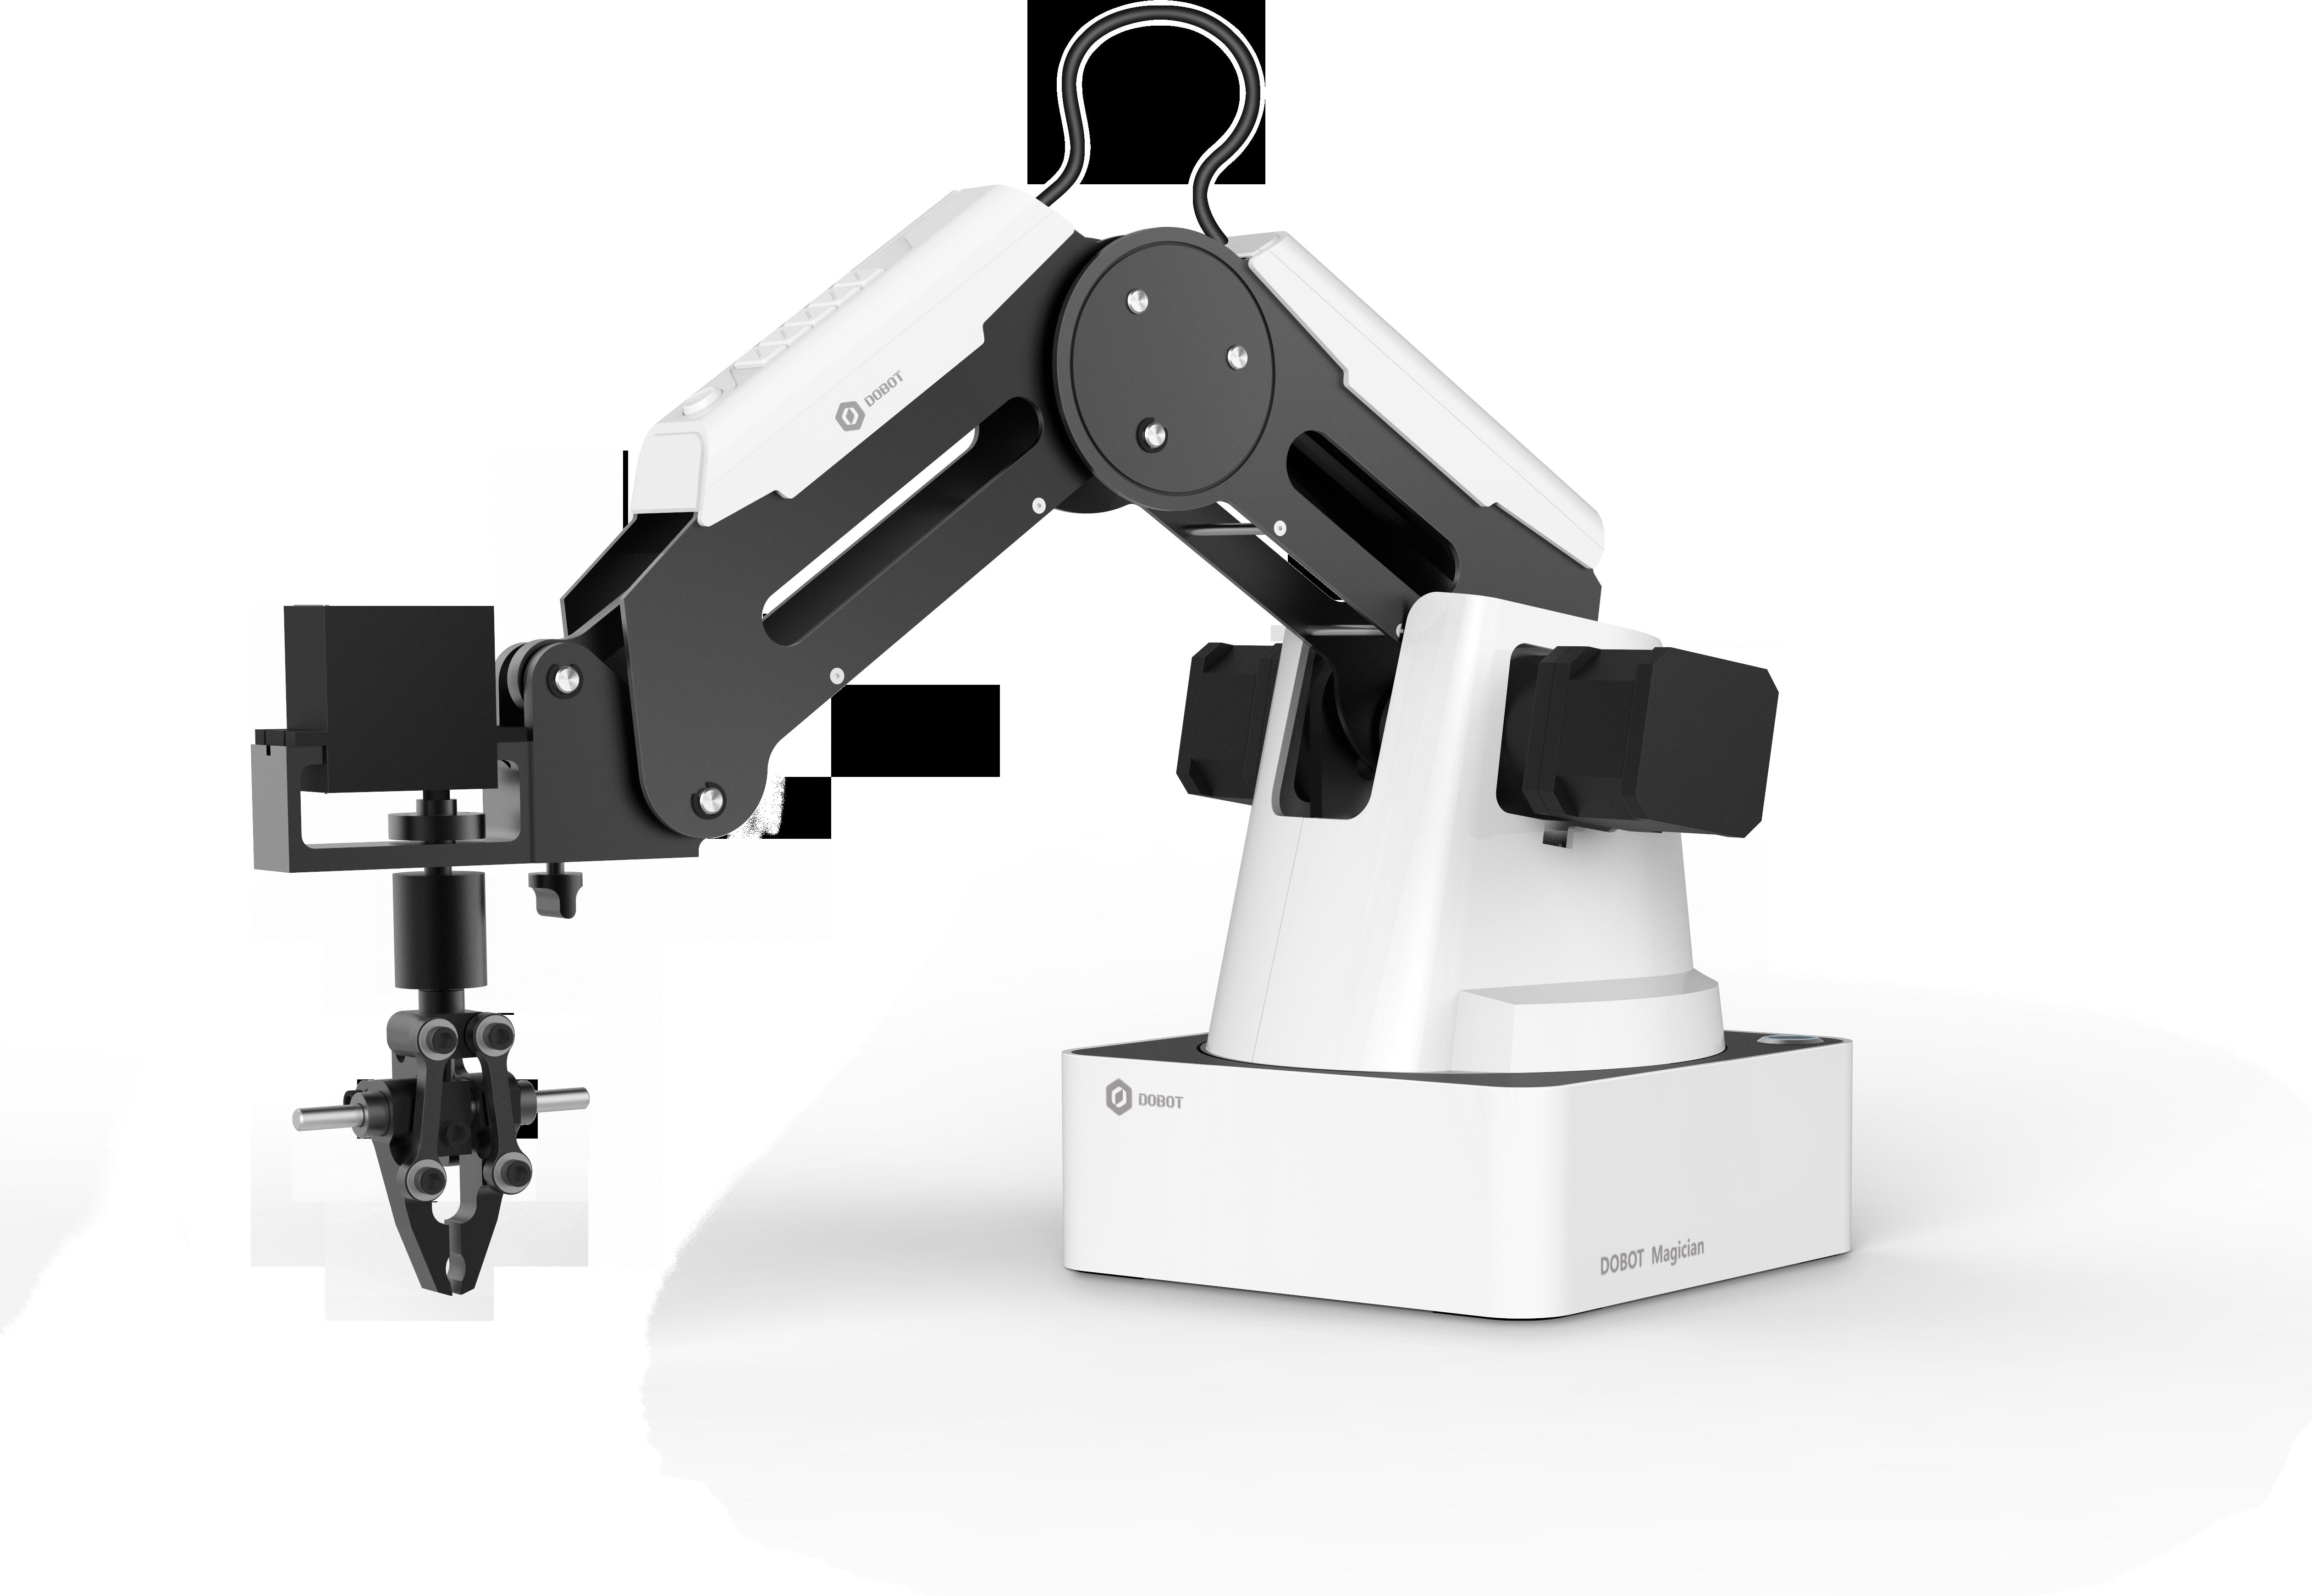 RobotLAB Dobot Robotic Arm-1-1.png